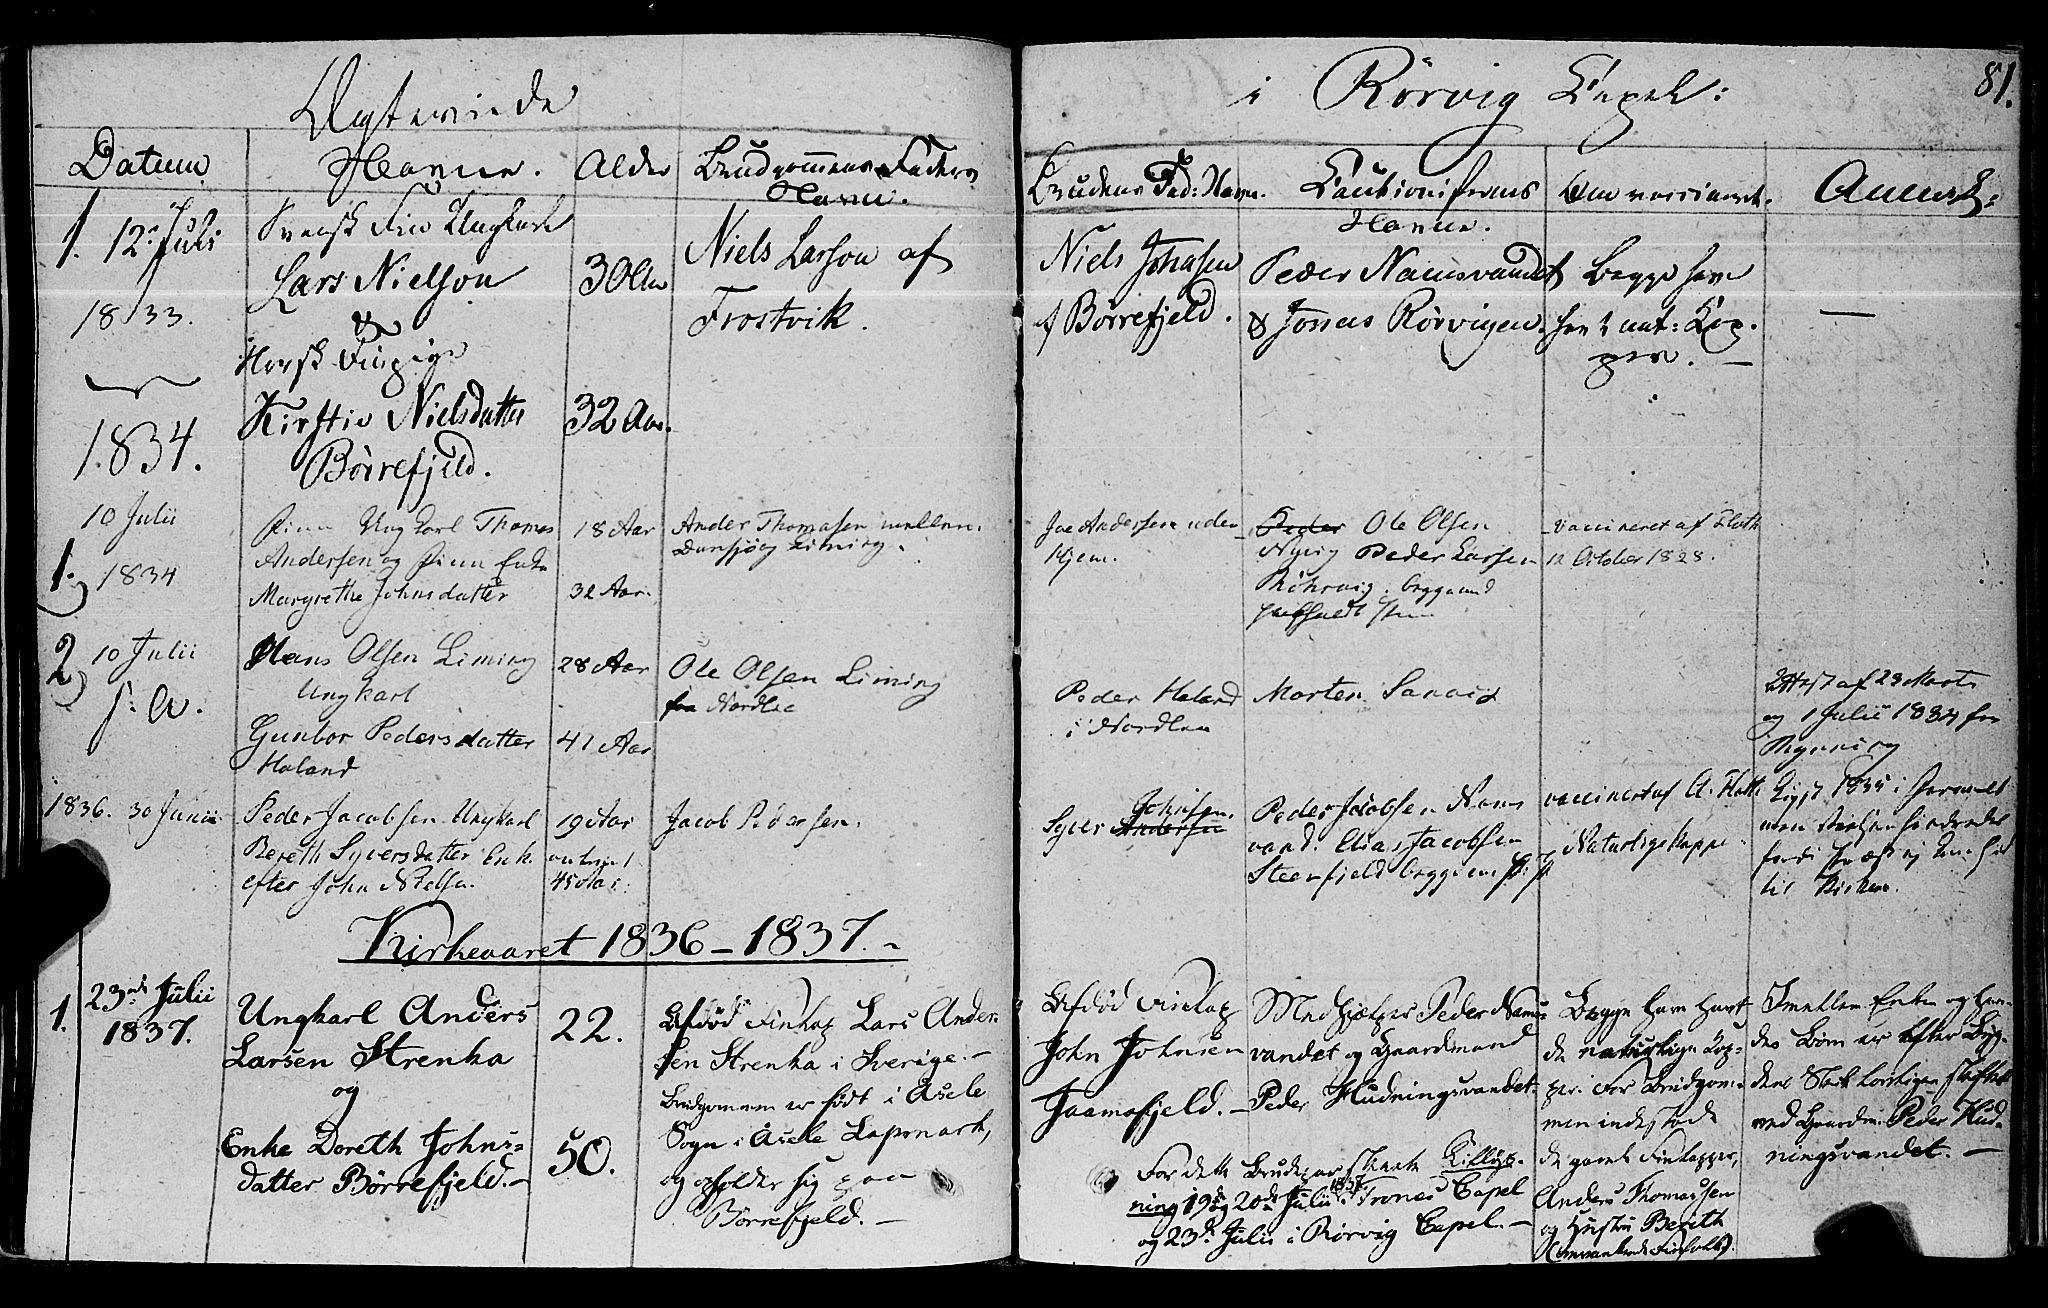 SAT, Ministerialprotokoller, klokkerbøker og fødselsregistre - Nord-Trøndelag, 762/L0538: Ministerialbok nr. 762A02 /1, 1833-1879, s. 81